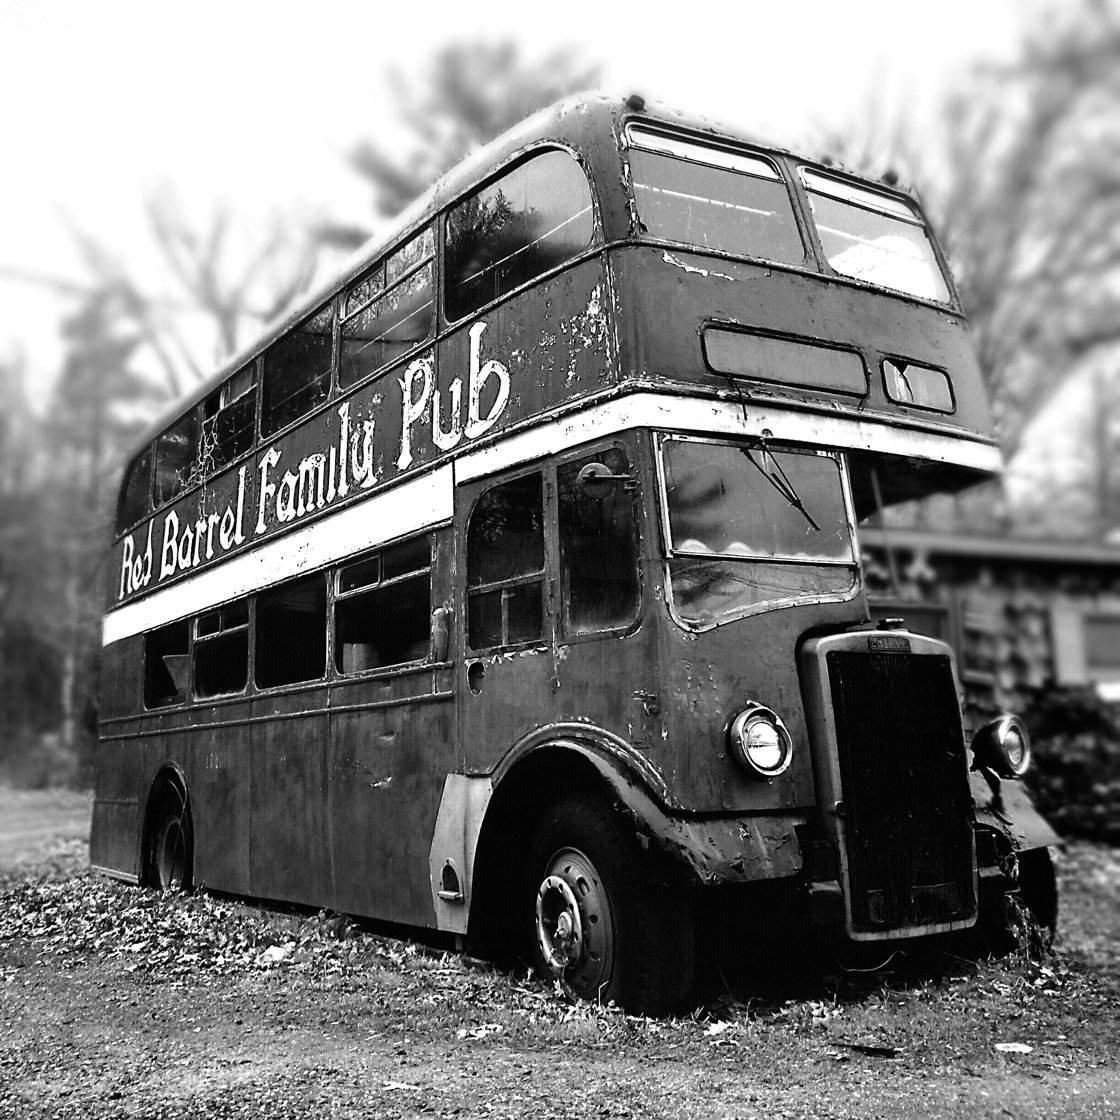 bus no script